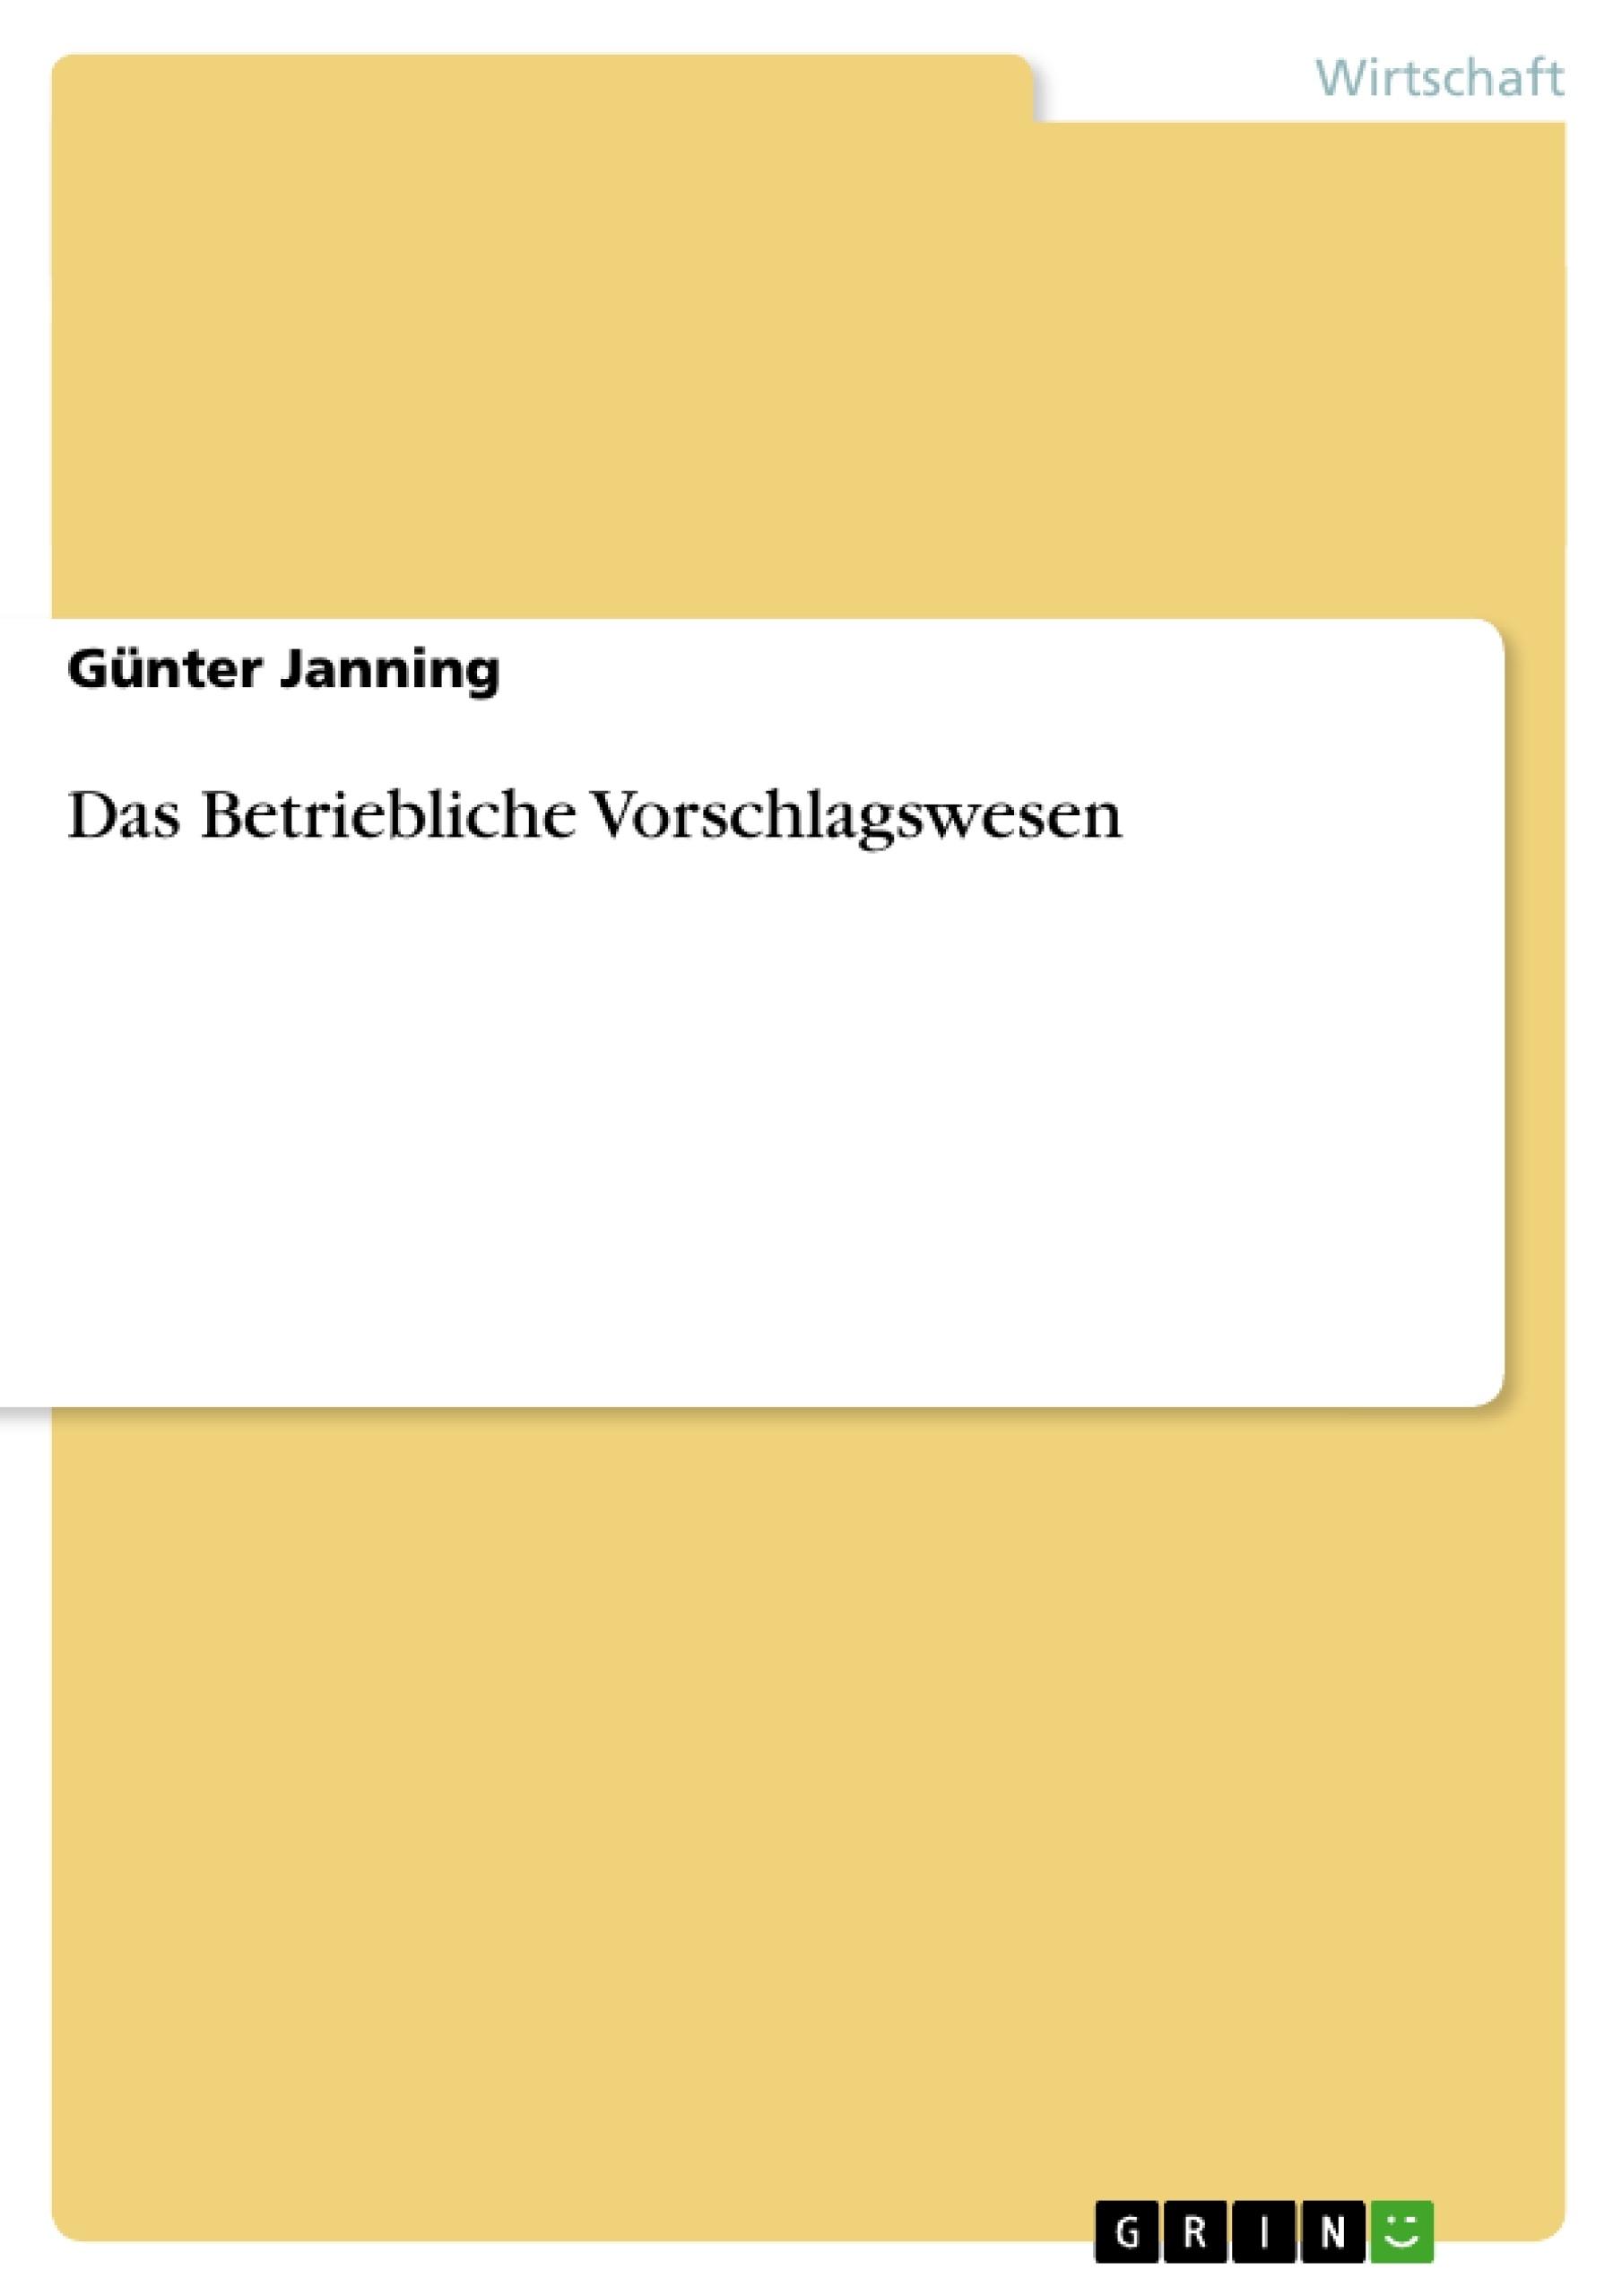 Titel: Das Betriebliche Vorschlagswesen